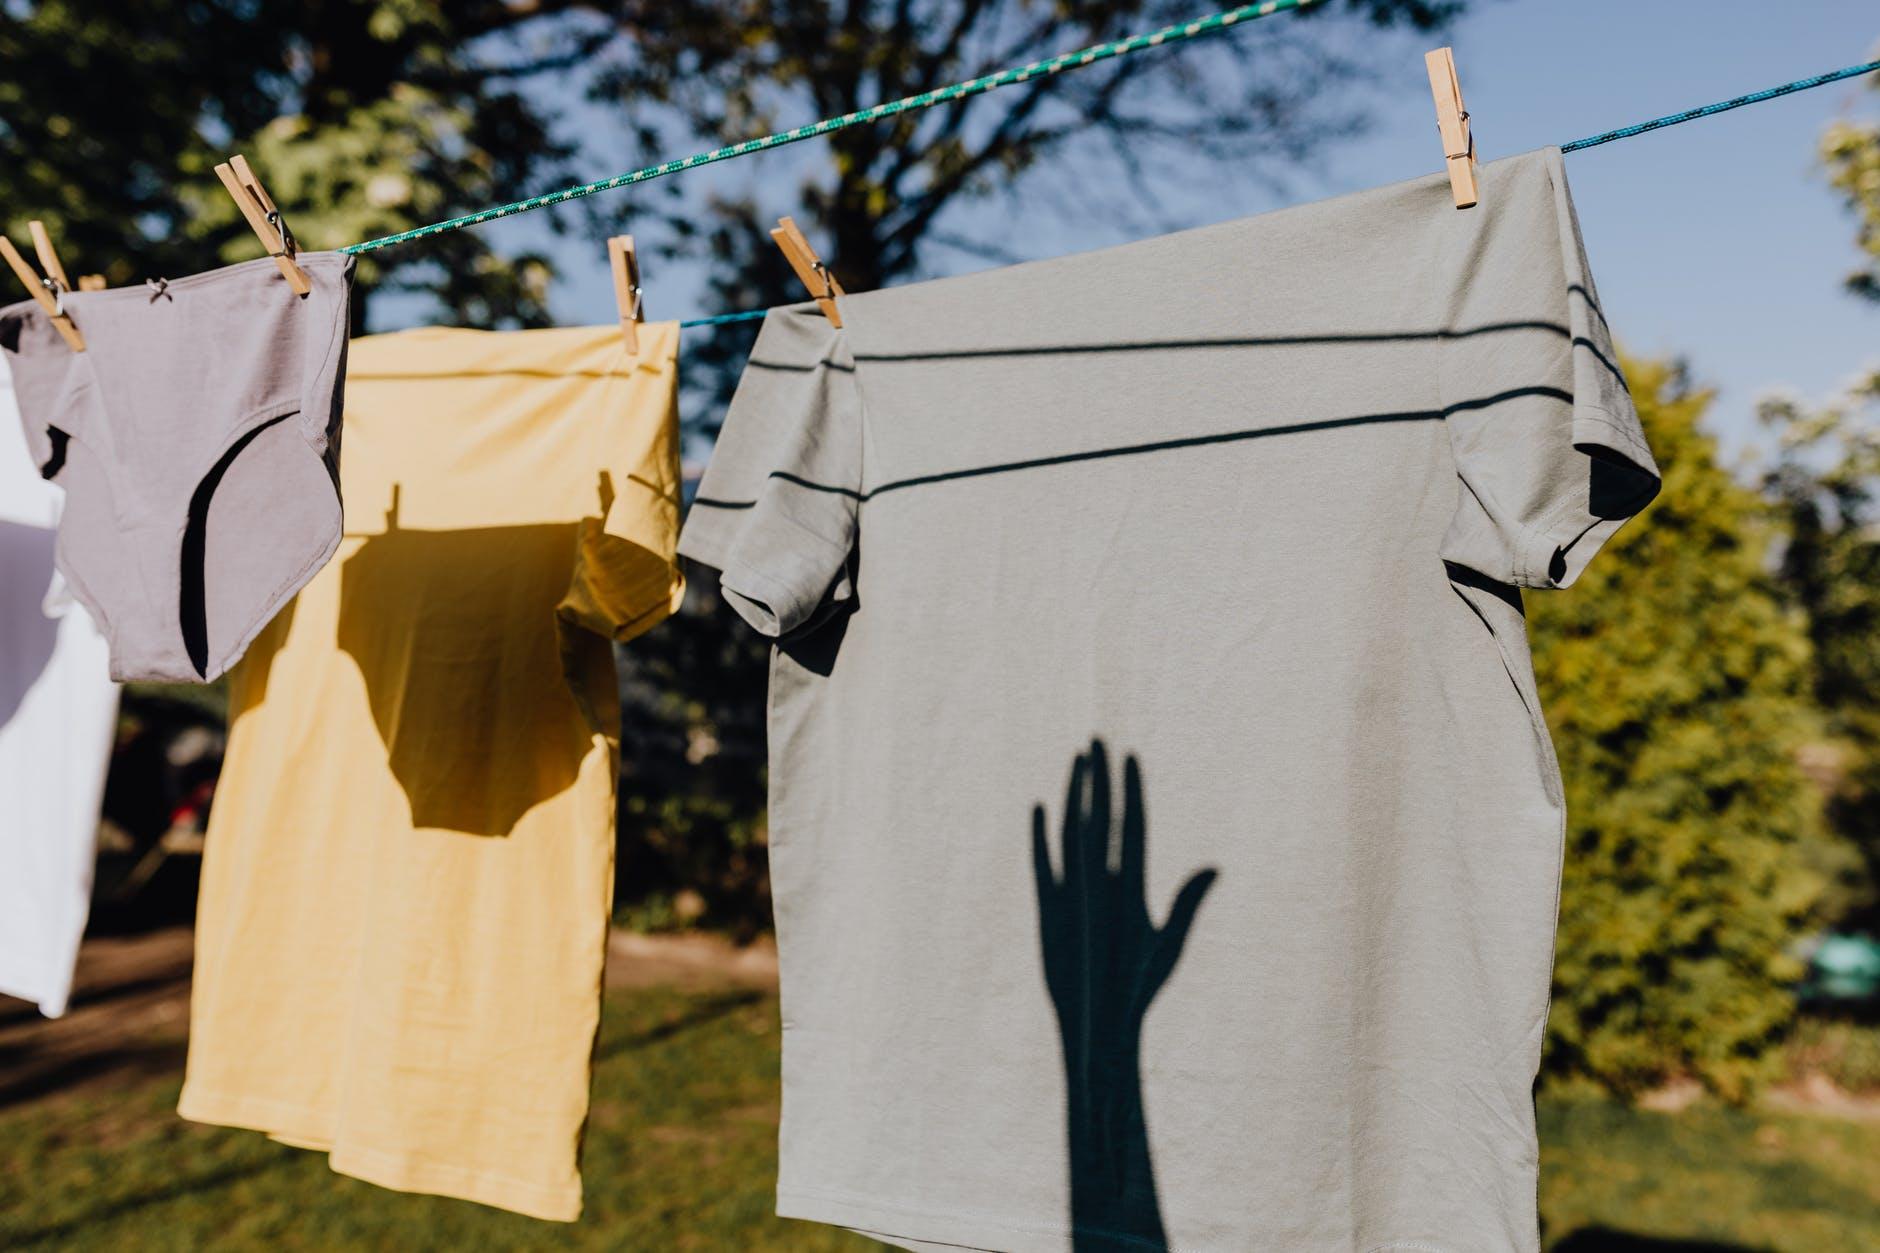 ropa tendida al sol reflejando una sombra